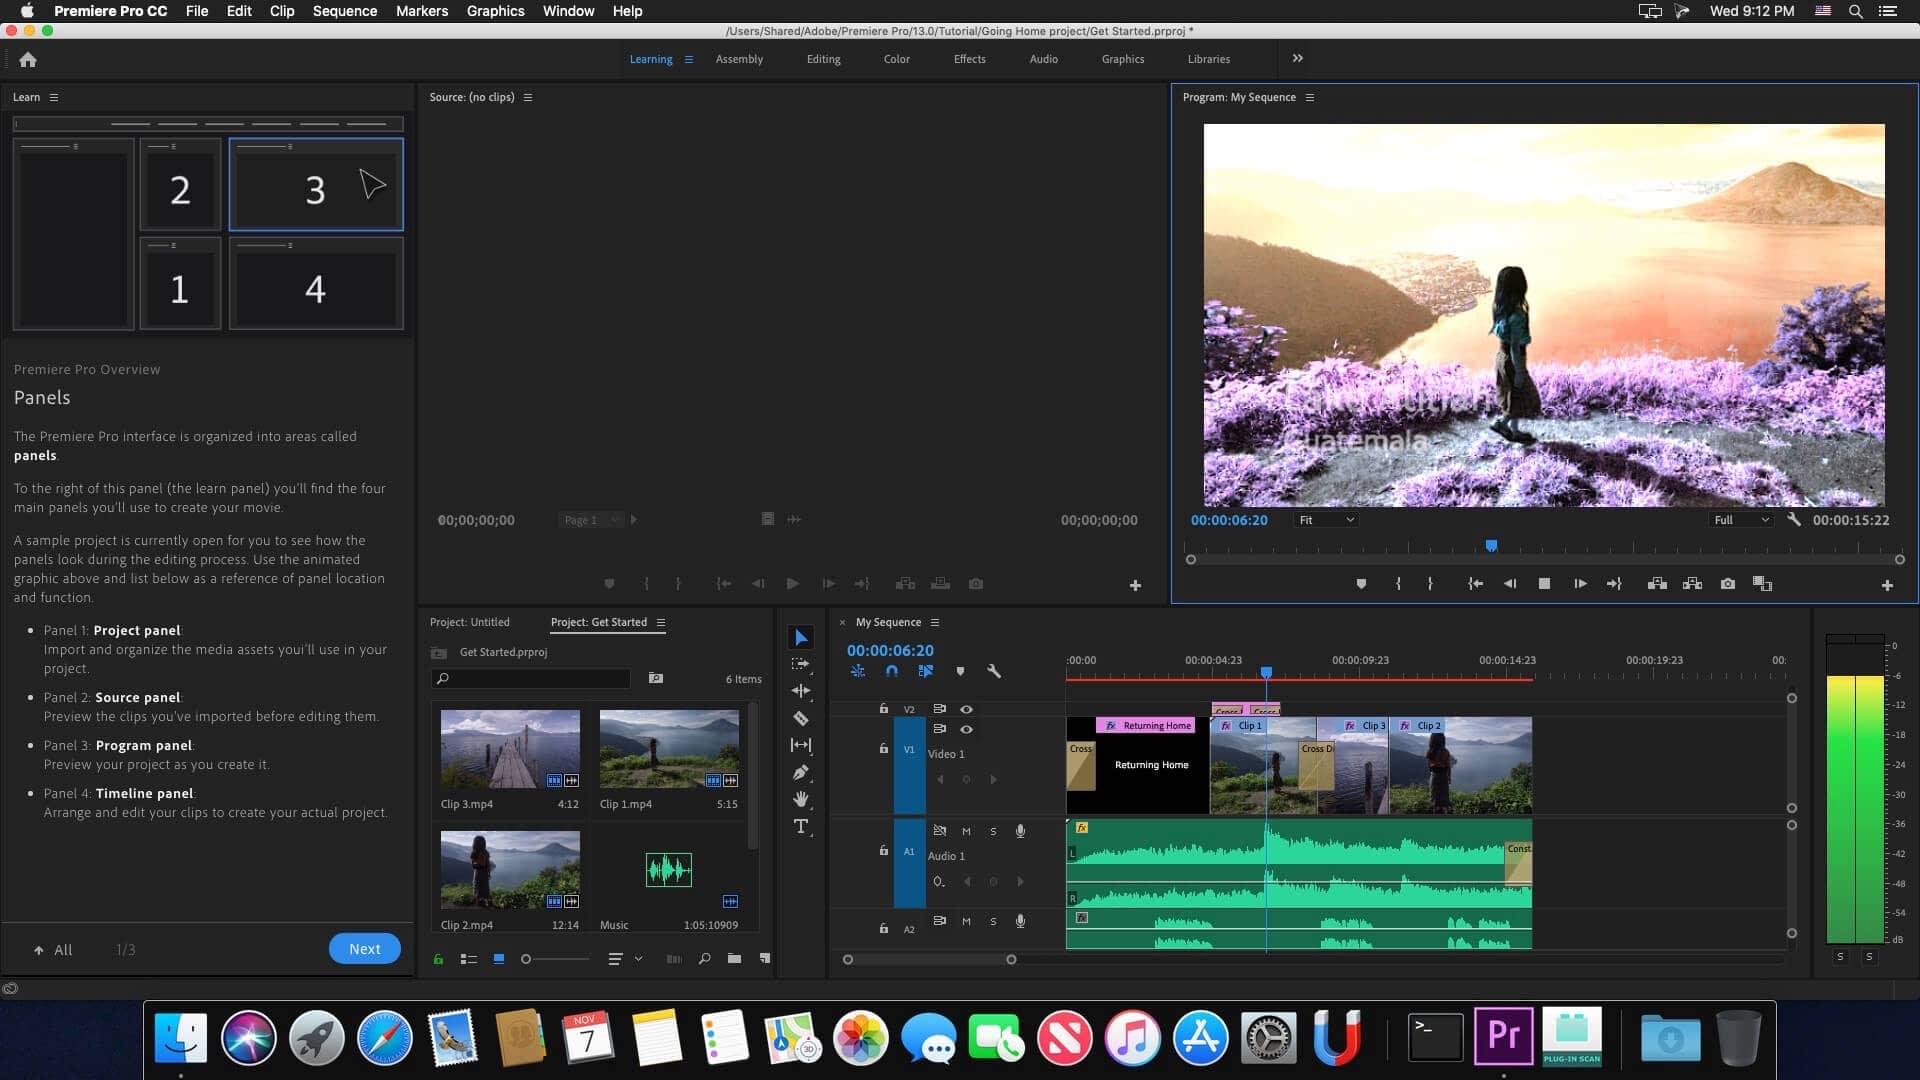 Adobe Premiere Pro 2020 14.5 for mac